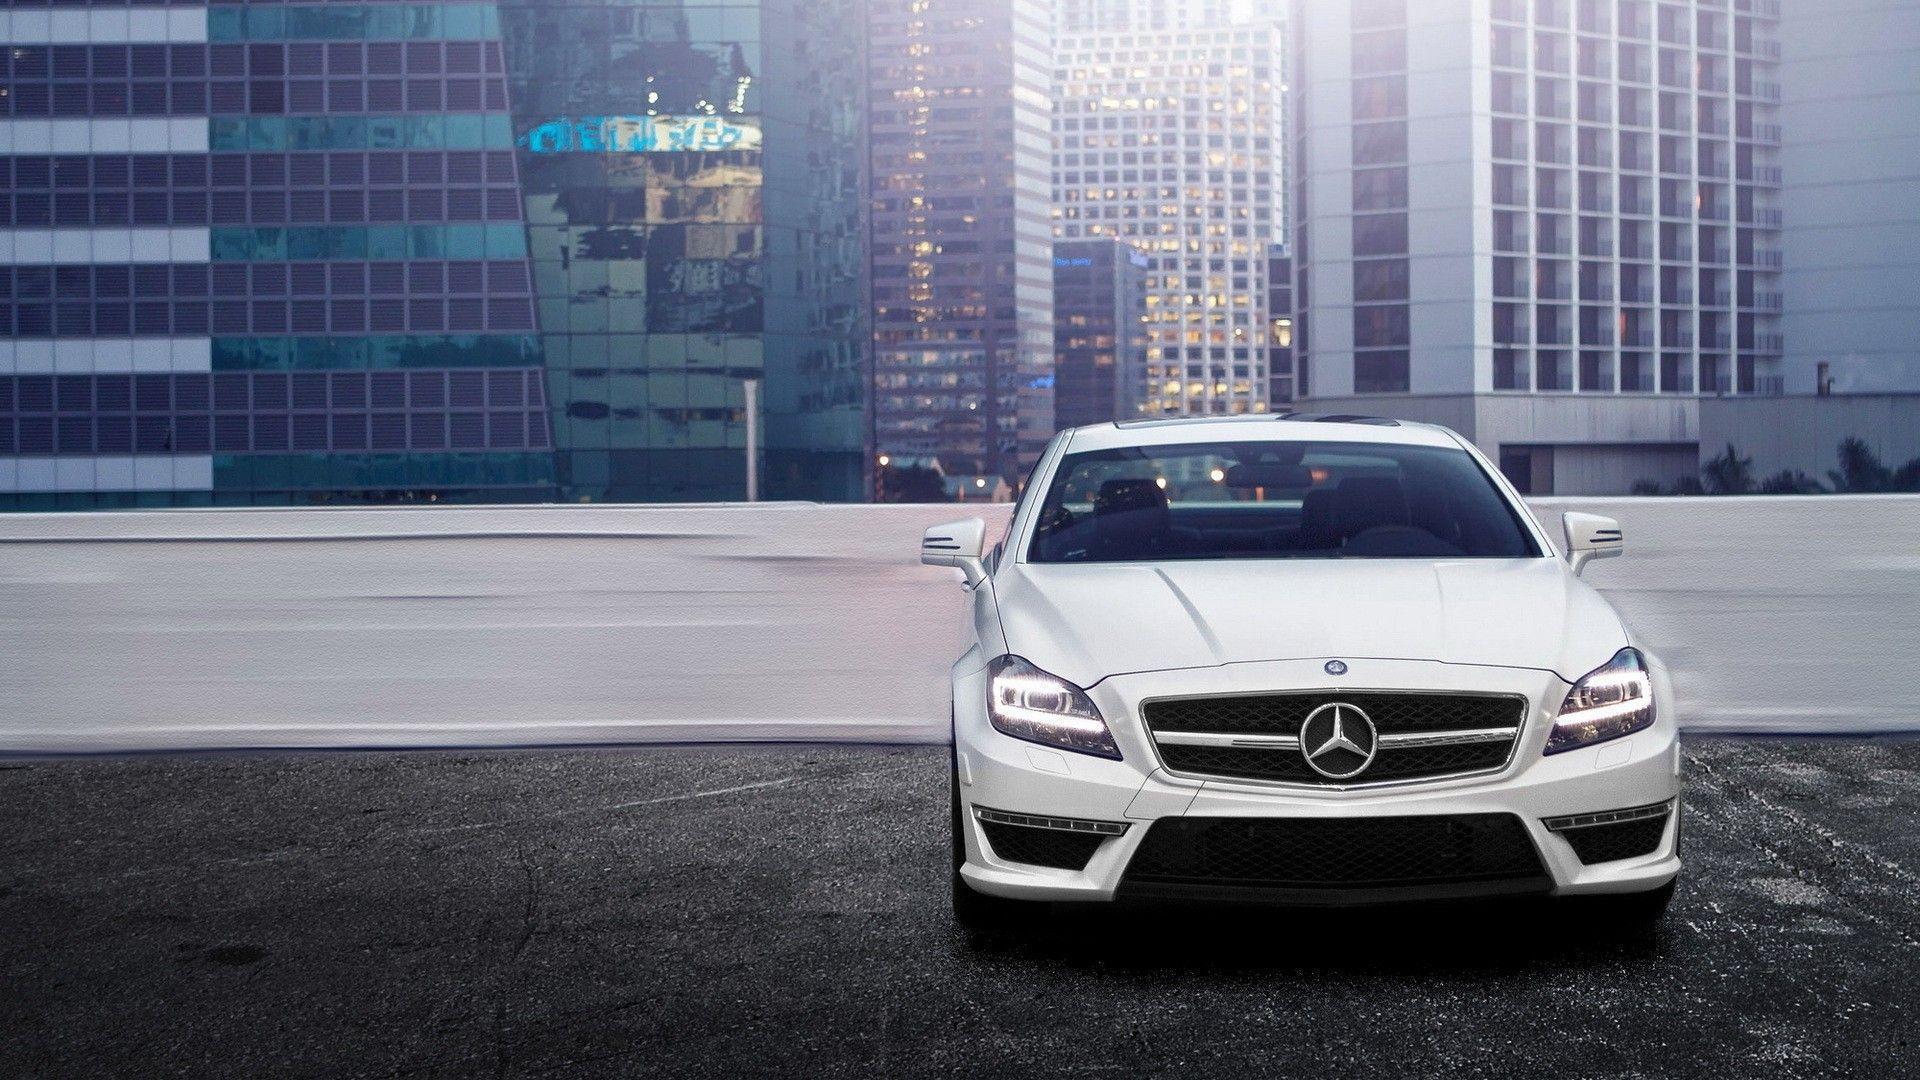 Full HD Mercedes Benz Wallpaper #41449 Wallpaper | Download HD ...